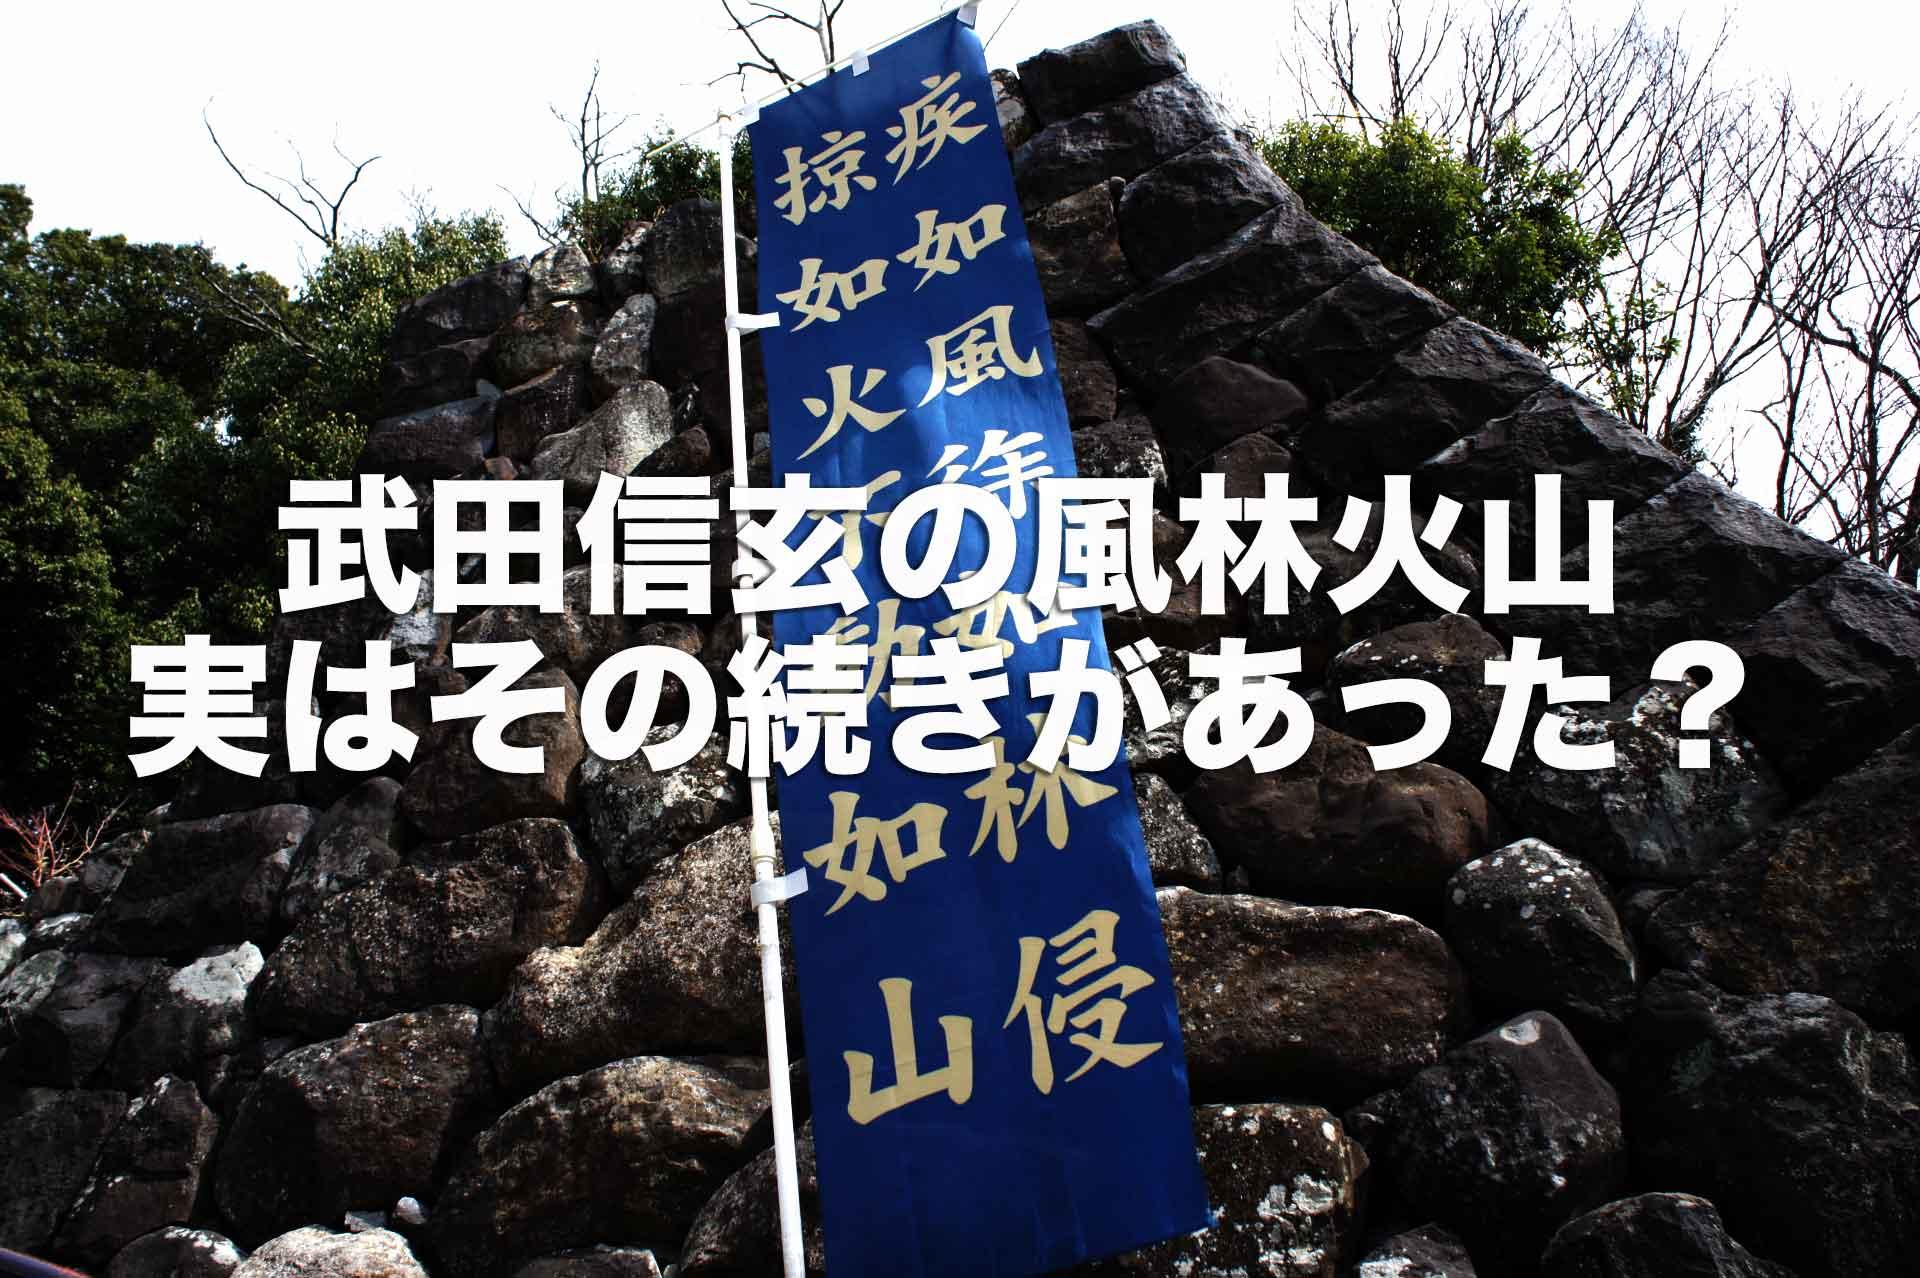 武田信玄の風林火山はどんな意味?実はその続きがあるって本当?